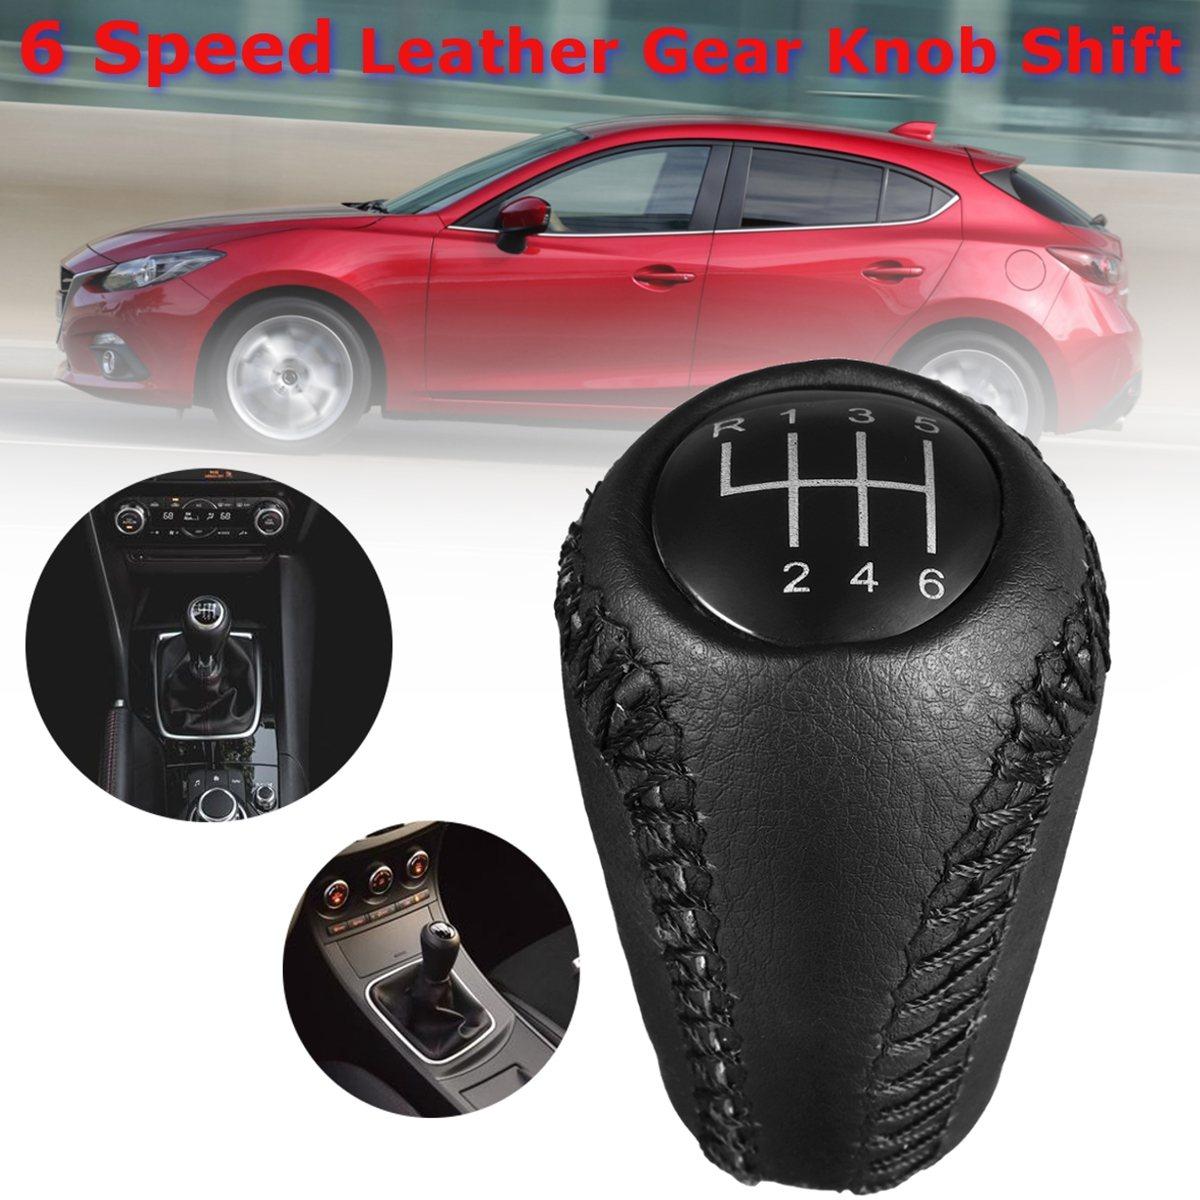 6 velocità Pomello del Cambio In Pelle Bastone Del Cambio Per Mazda 3 BK BL 5 CR CW 6 II GH CX-7 ER MX-5 NC III 2014 2013 2012 2011 2010 2009 2008